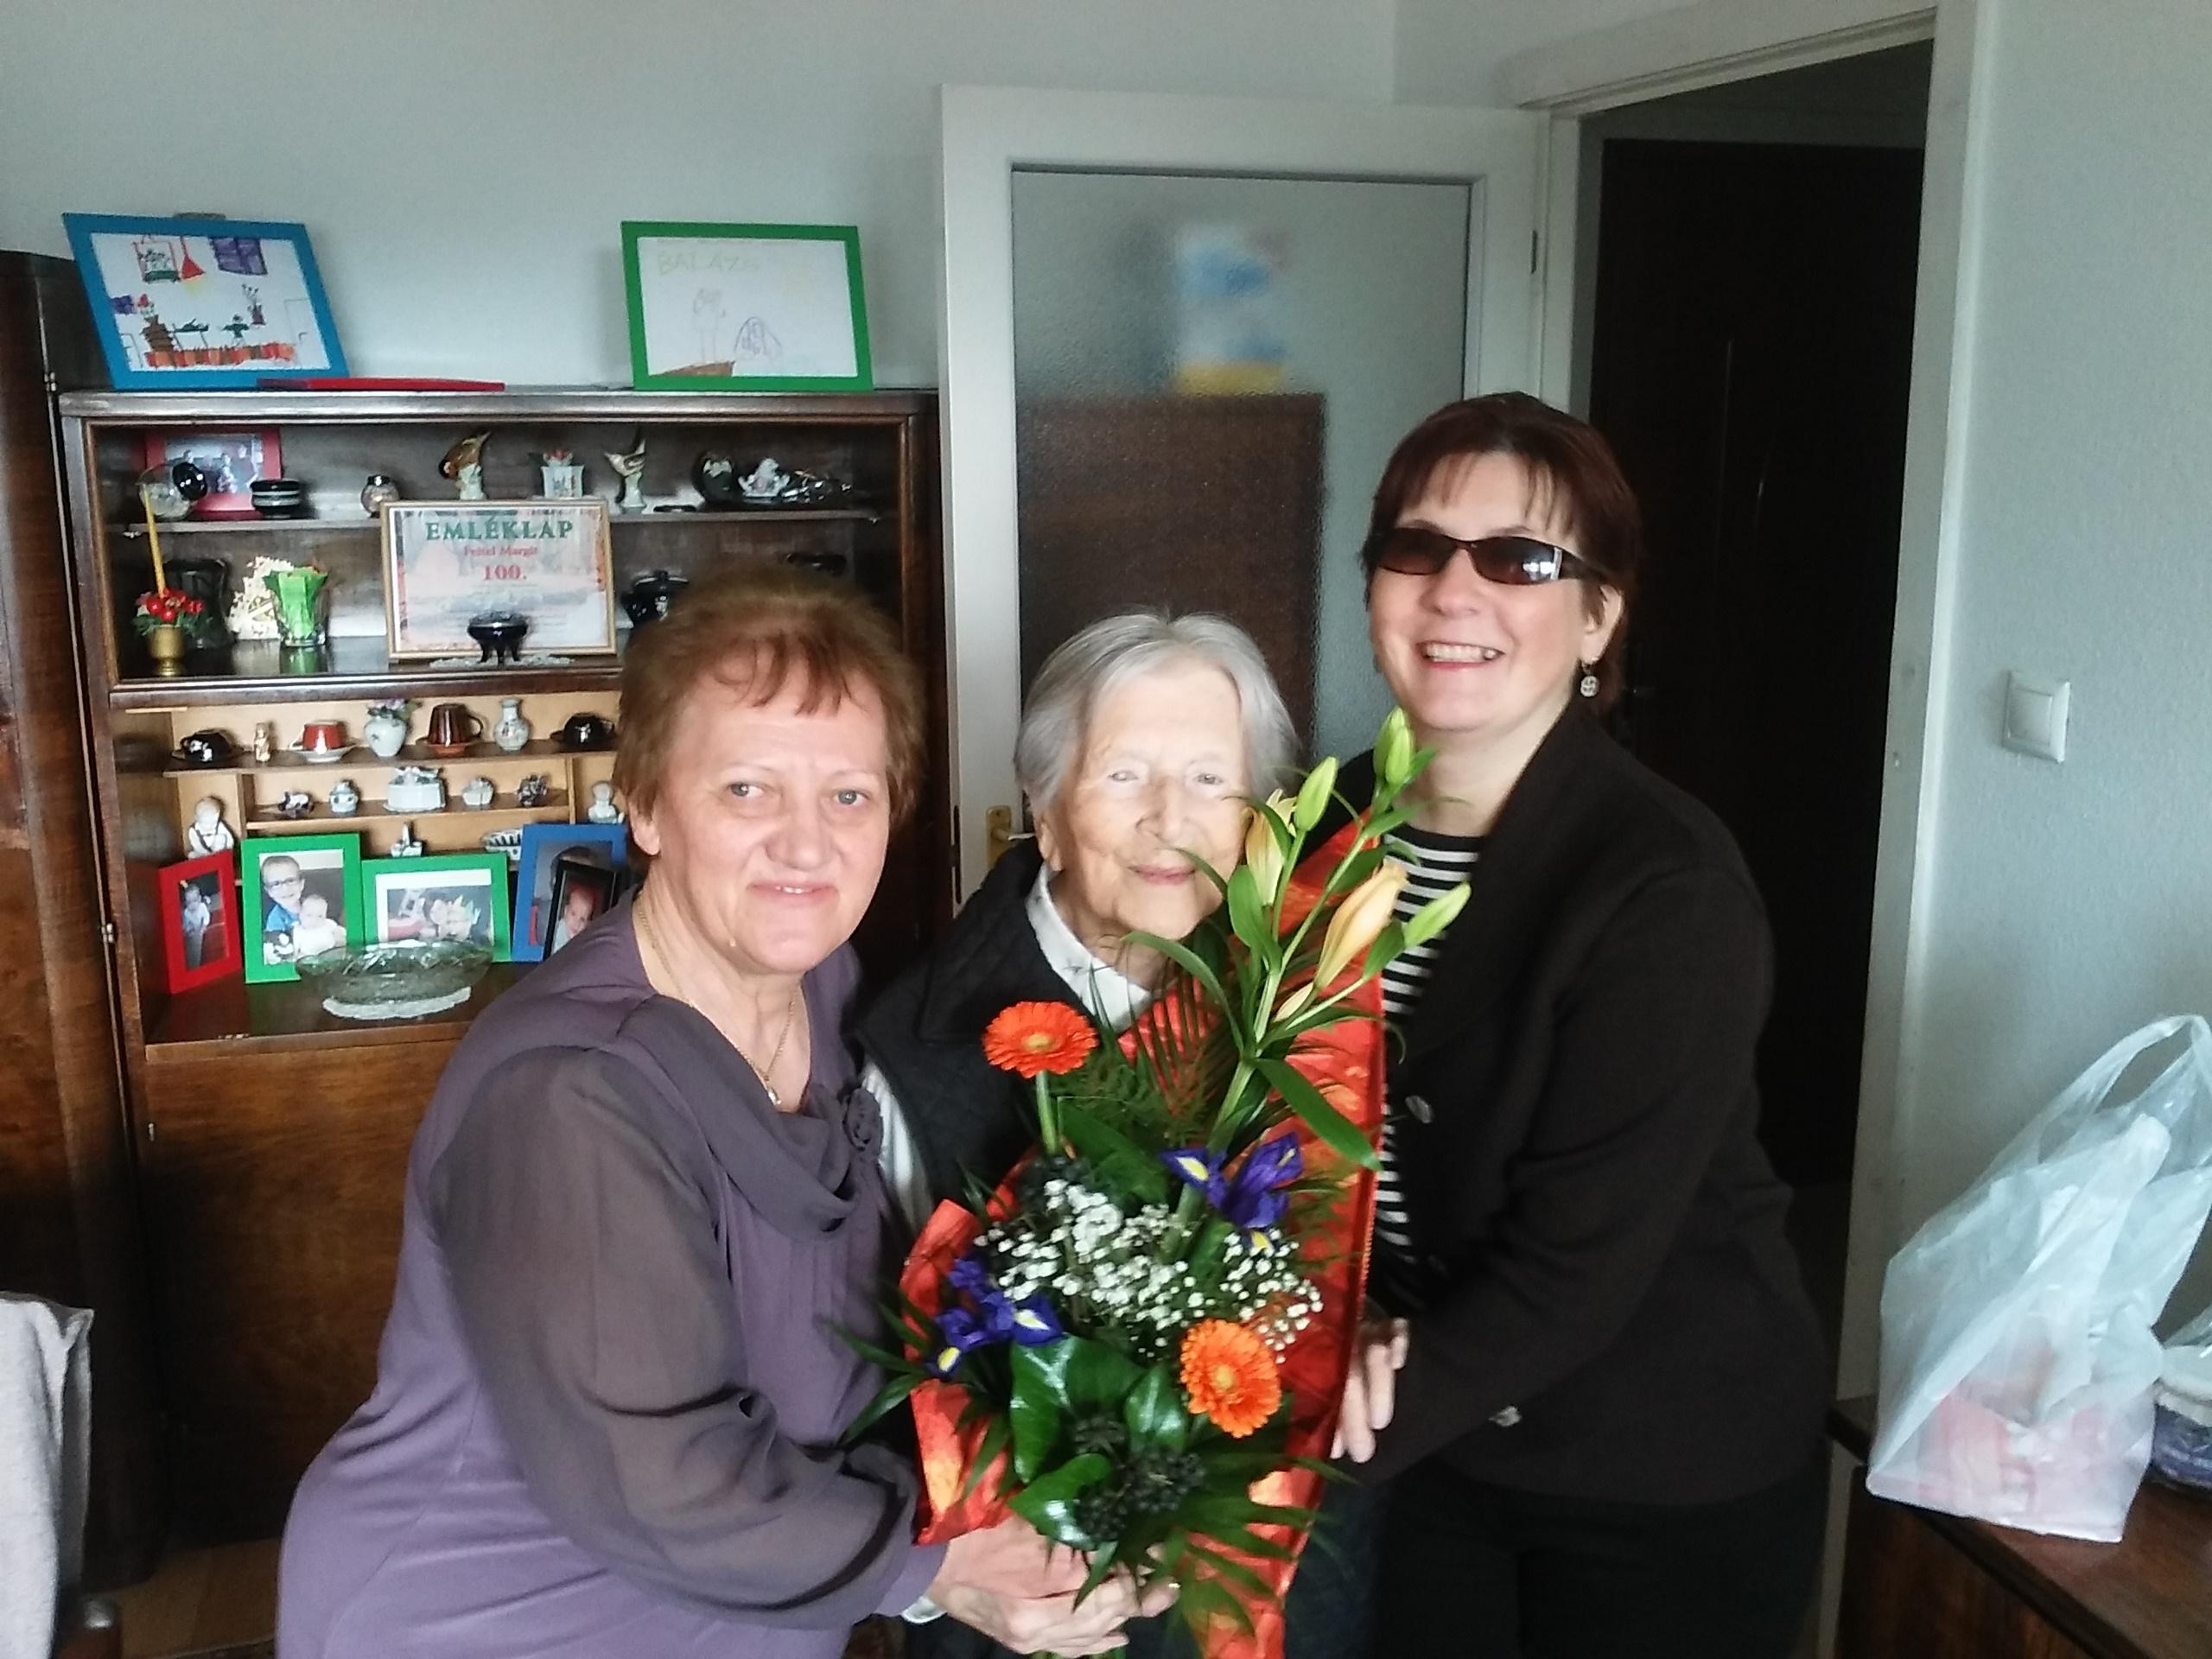 A képen középen a 104 éves ünnepelt, Margitka néni látható virággal a kezében. Mellette jobbról Fodor Ágnes elnök, balról Vasné Pintér Teréz közösségi civilszervező.